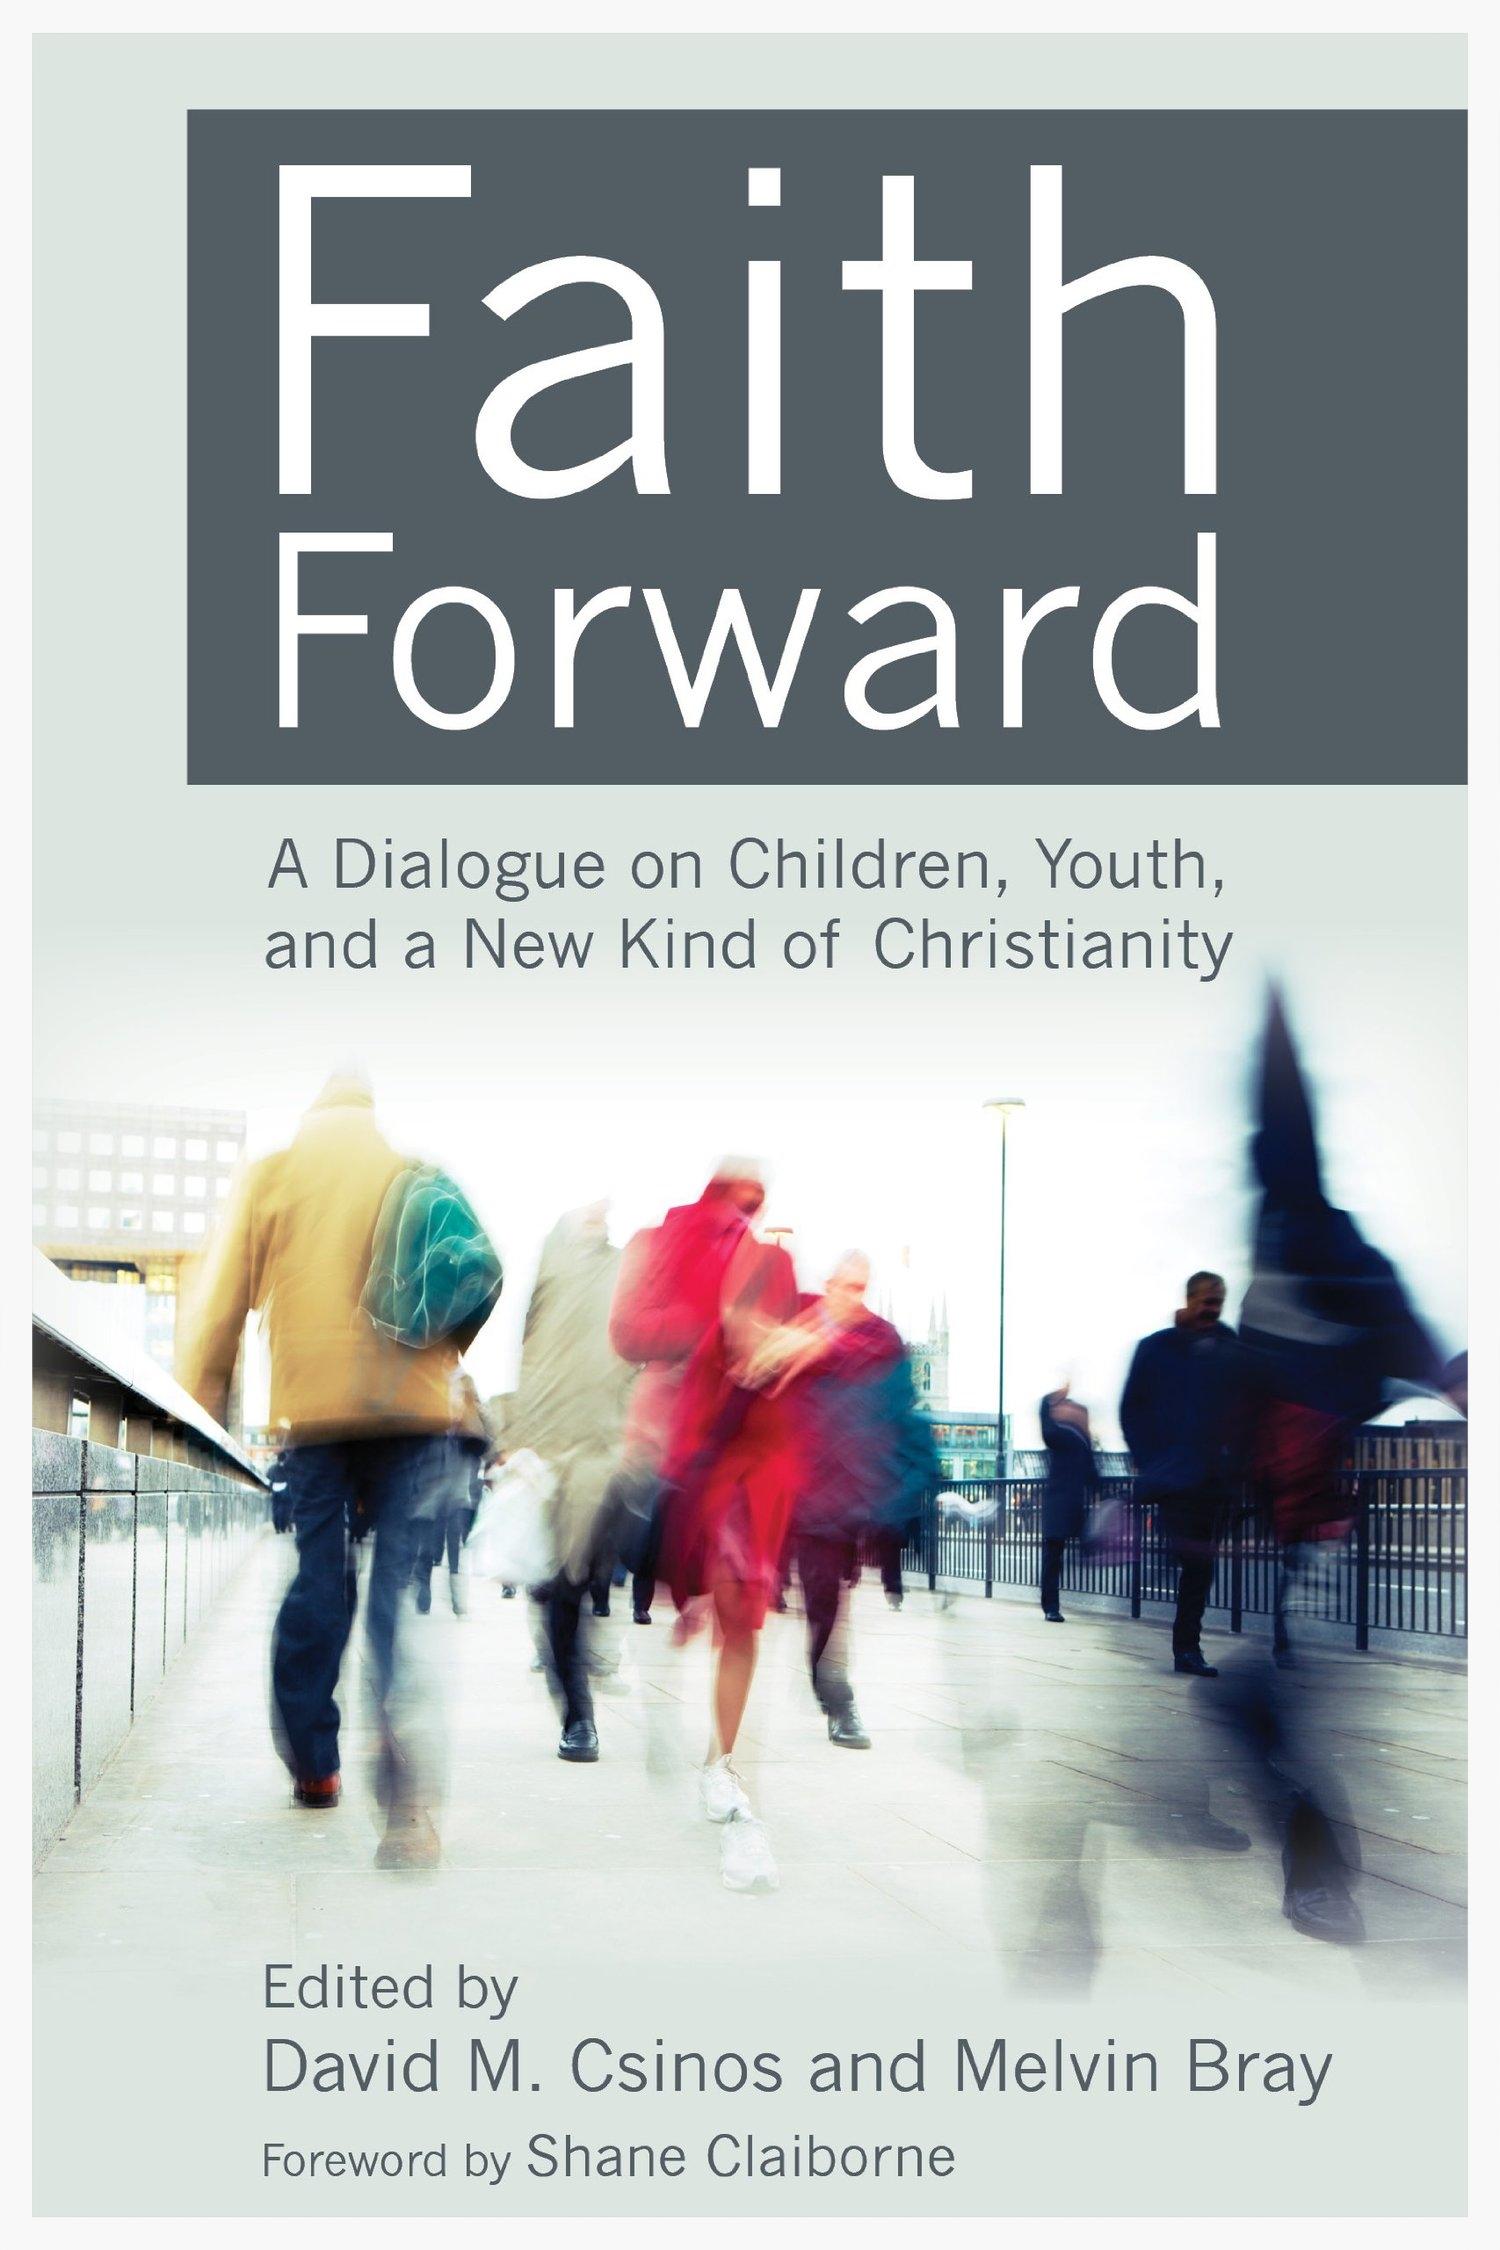 faith forward.jpeg